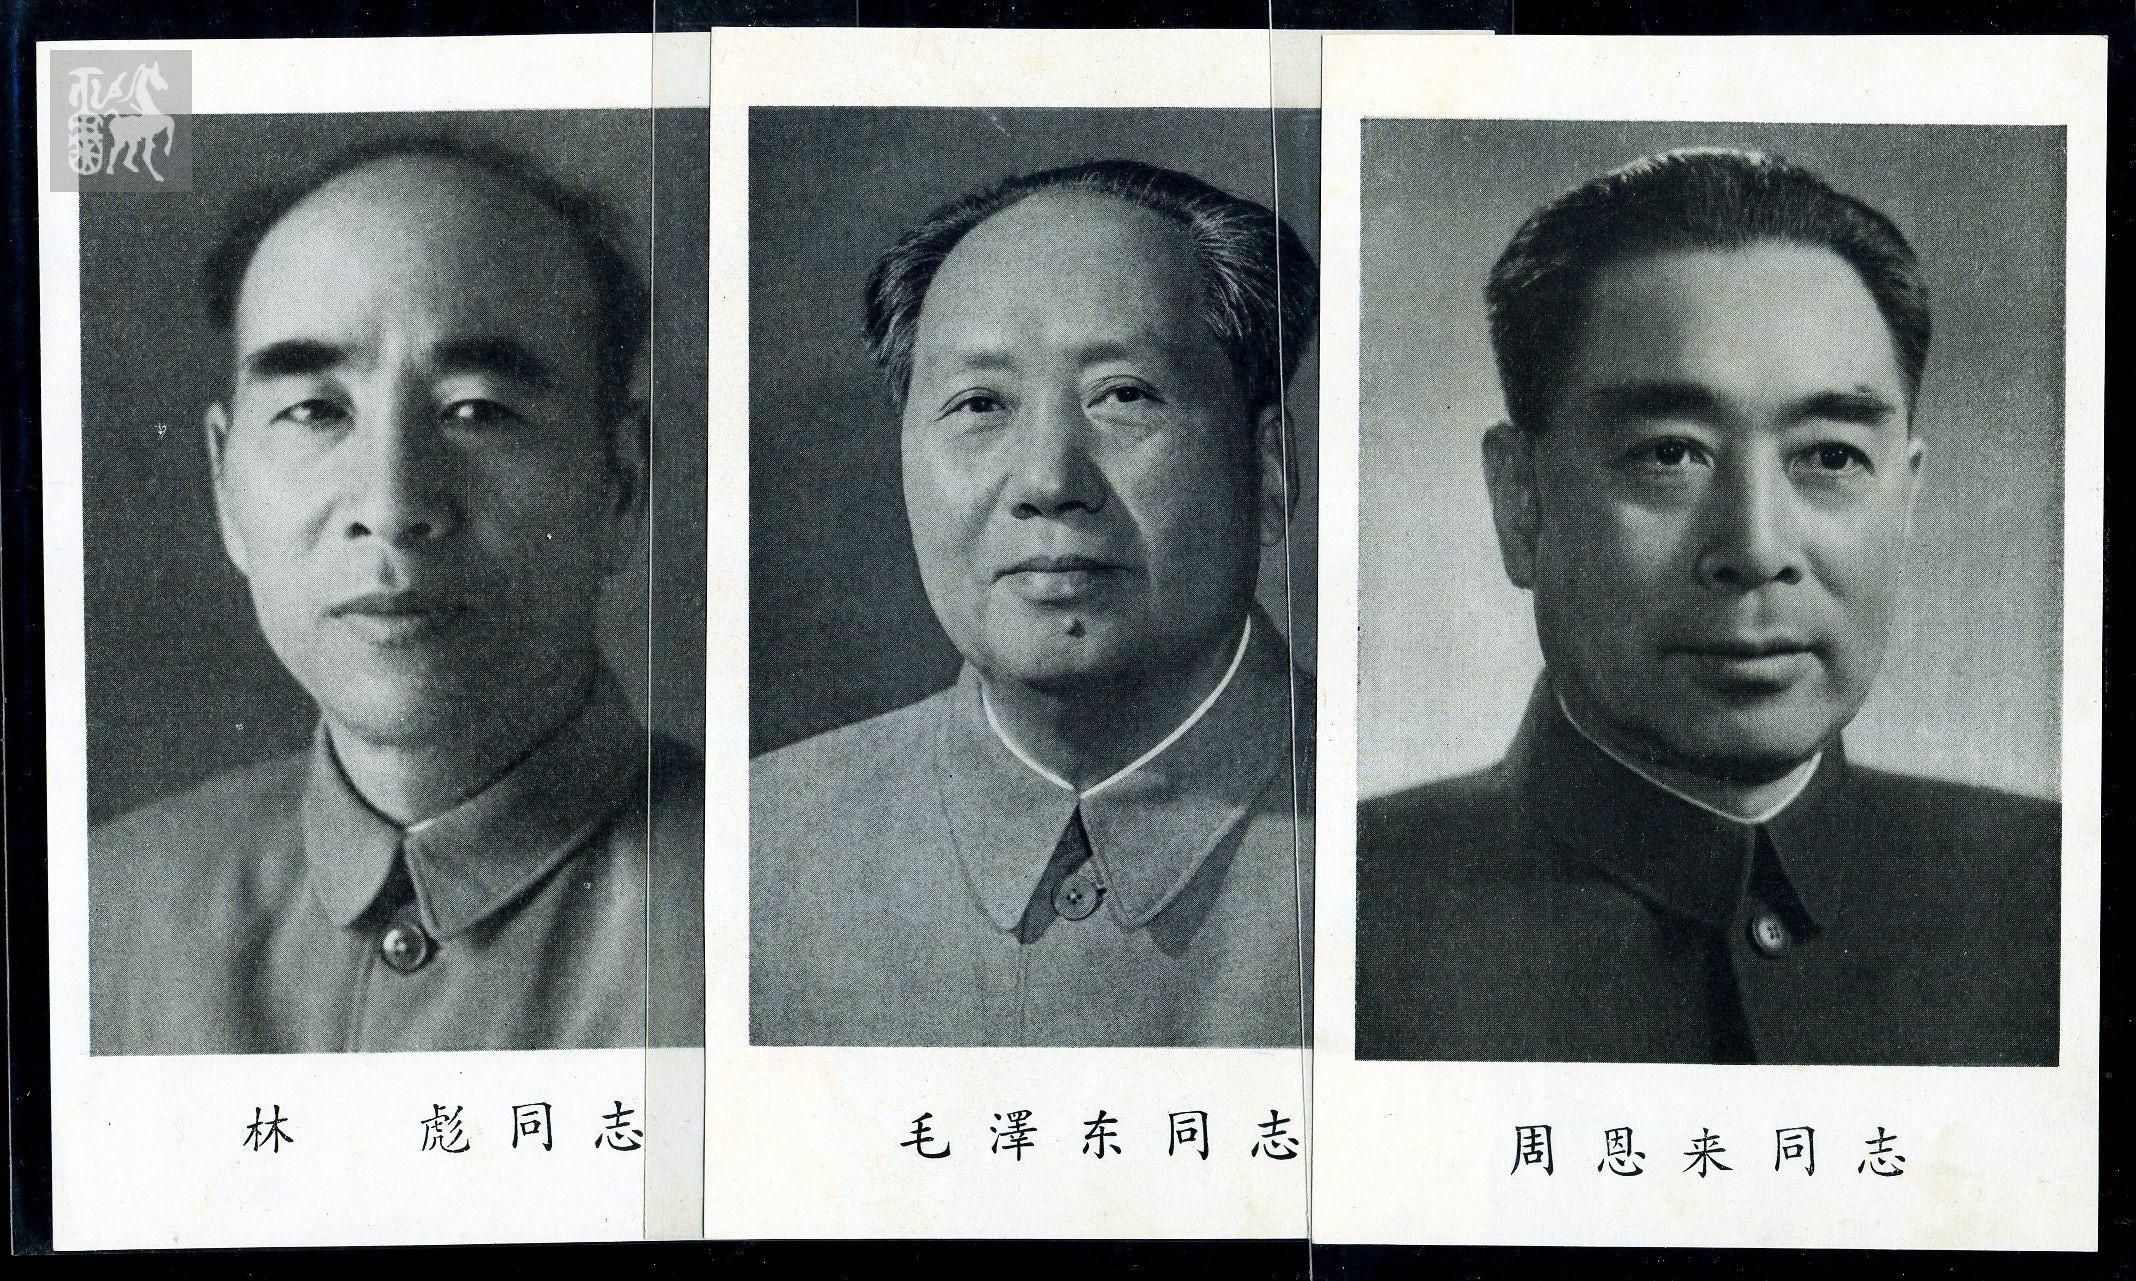 林彪/毛主席,周总理,林彪图片三枚